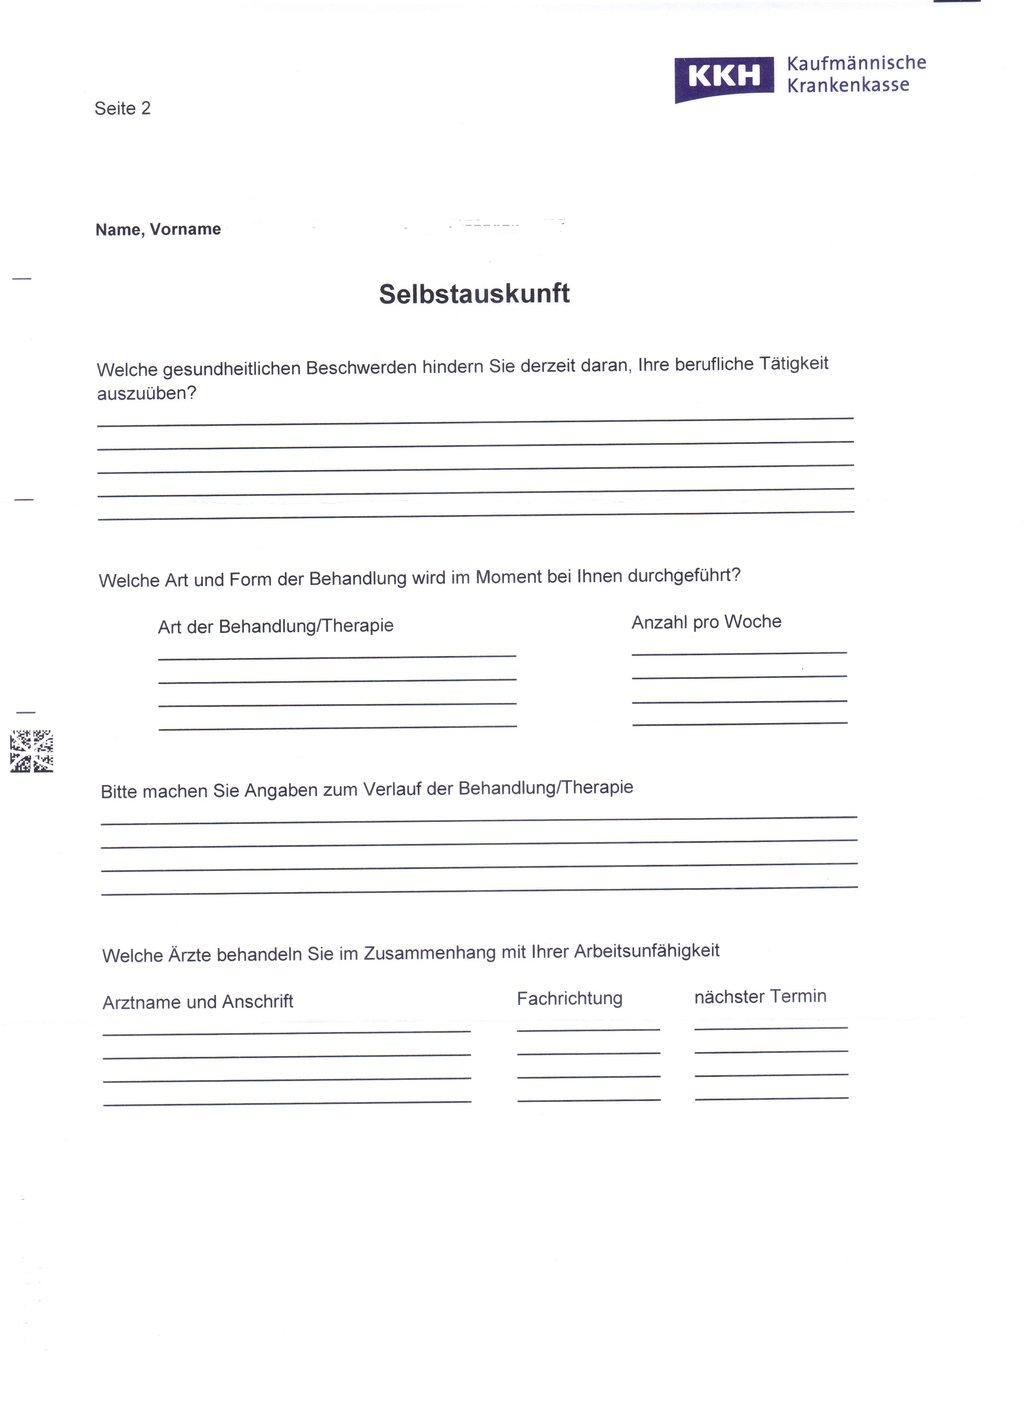 Niedlich Vorlage Einer Kostenteilungsvereinbarung Ideen - Beispiel ...